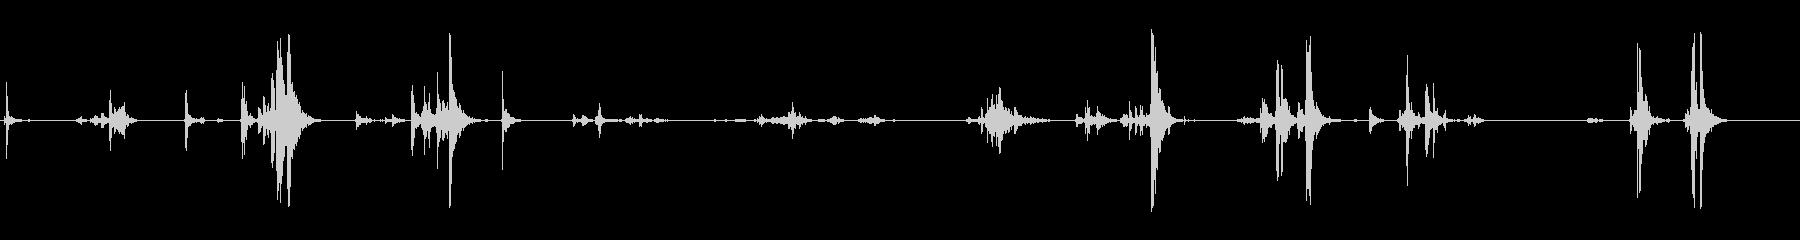 小さめのケースを開け閉めする音の未再生の波形